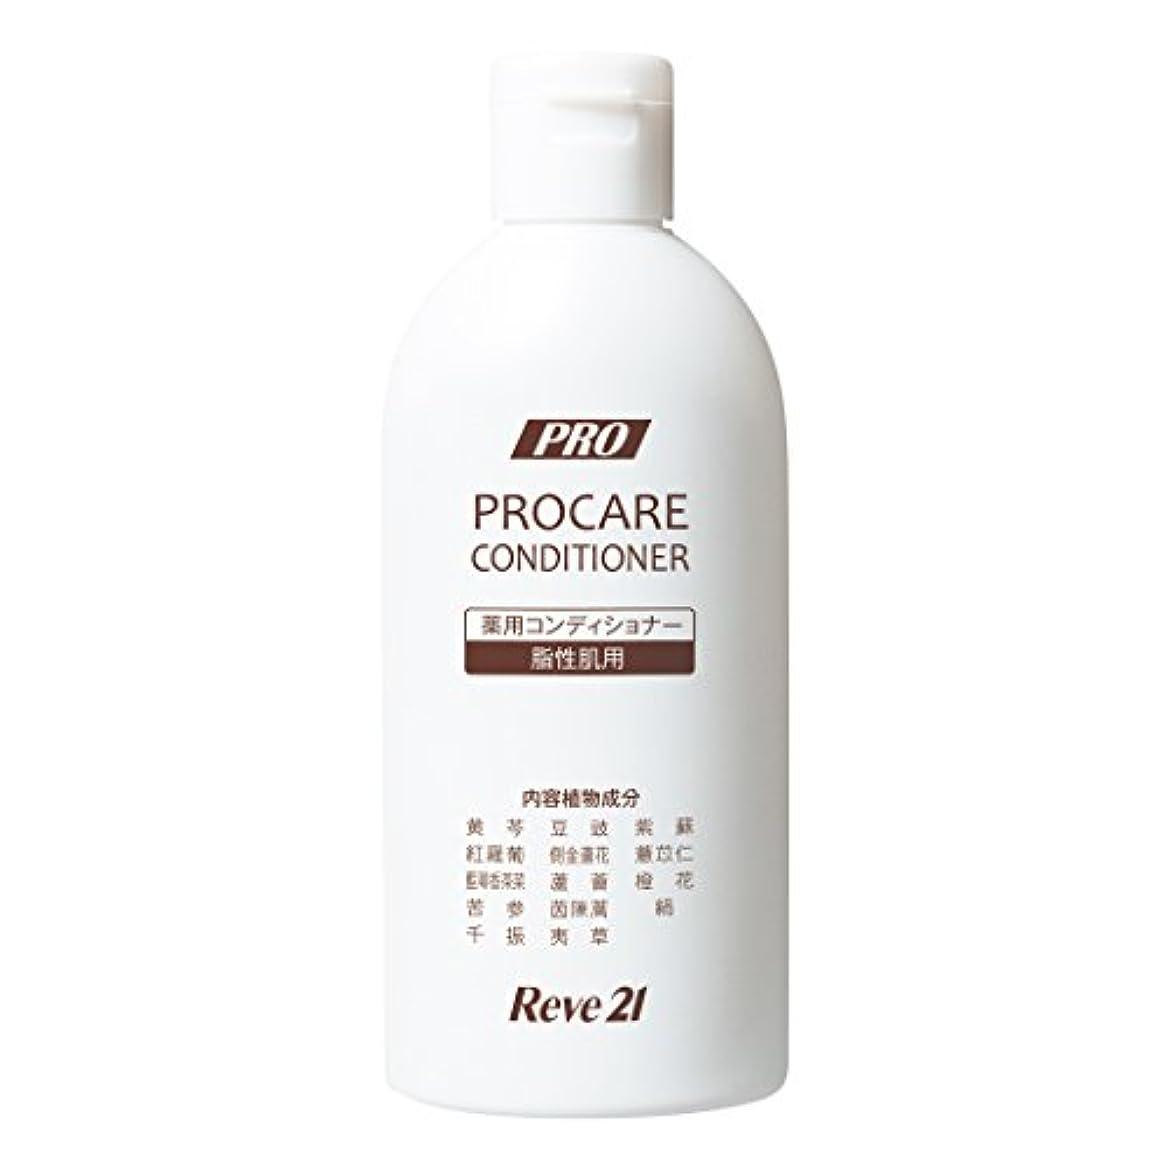 ソースどんなときもこするリーブ21 薬用プロケアコンディショナーB 《脂性肌用》200ml [医薬部外品] 育毛